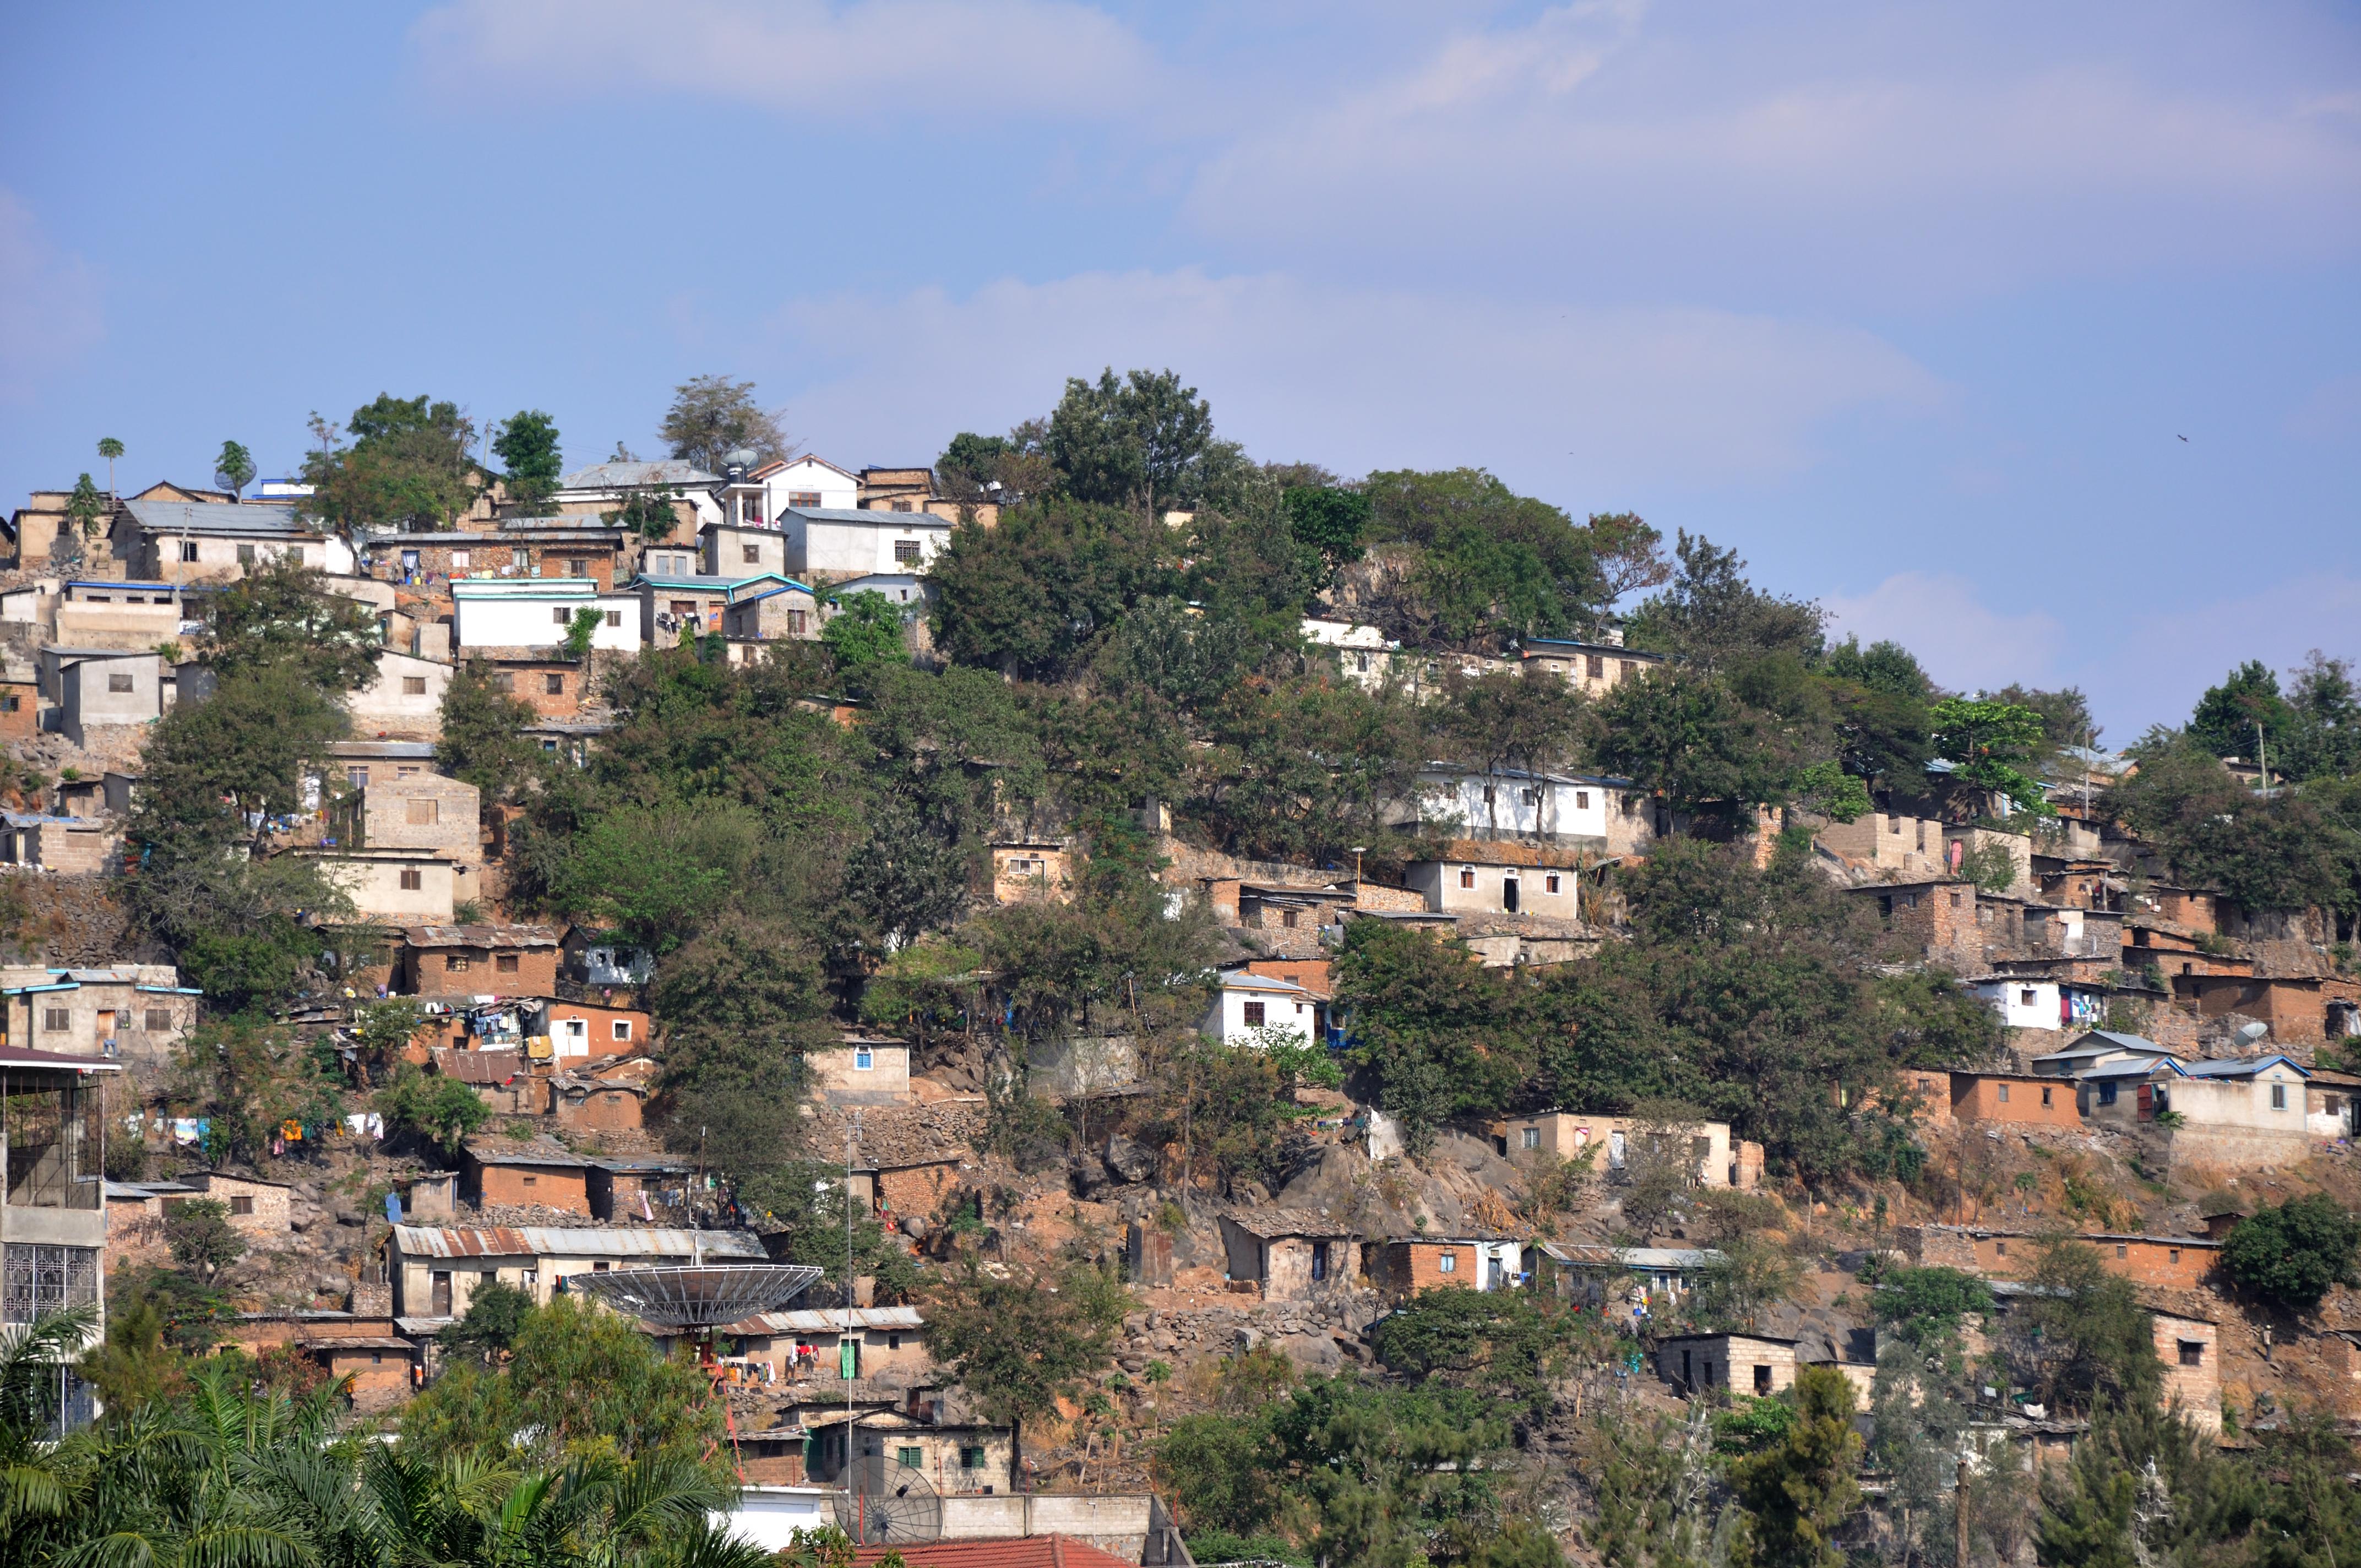 Mwanza Tanzania  city images : ... :2010 09 13 15 13 18 Tanzania Mwanza Mwanza Wikimedia Commons